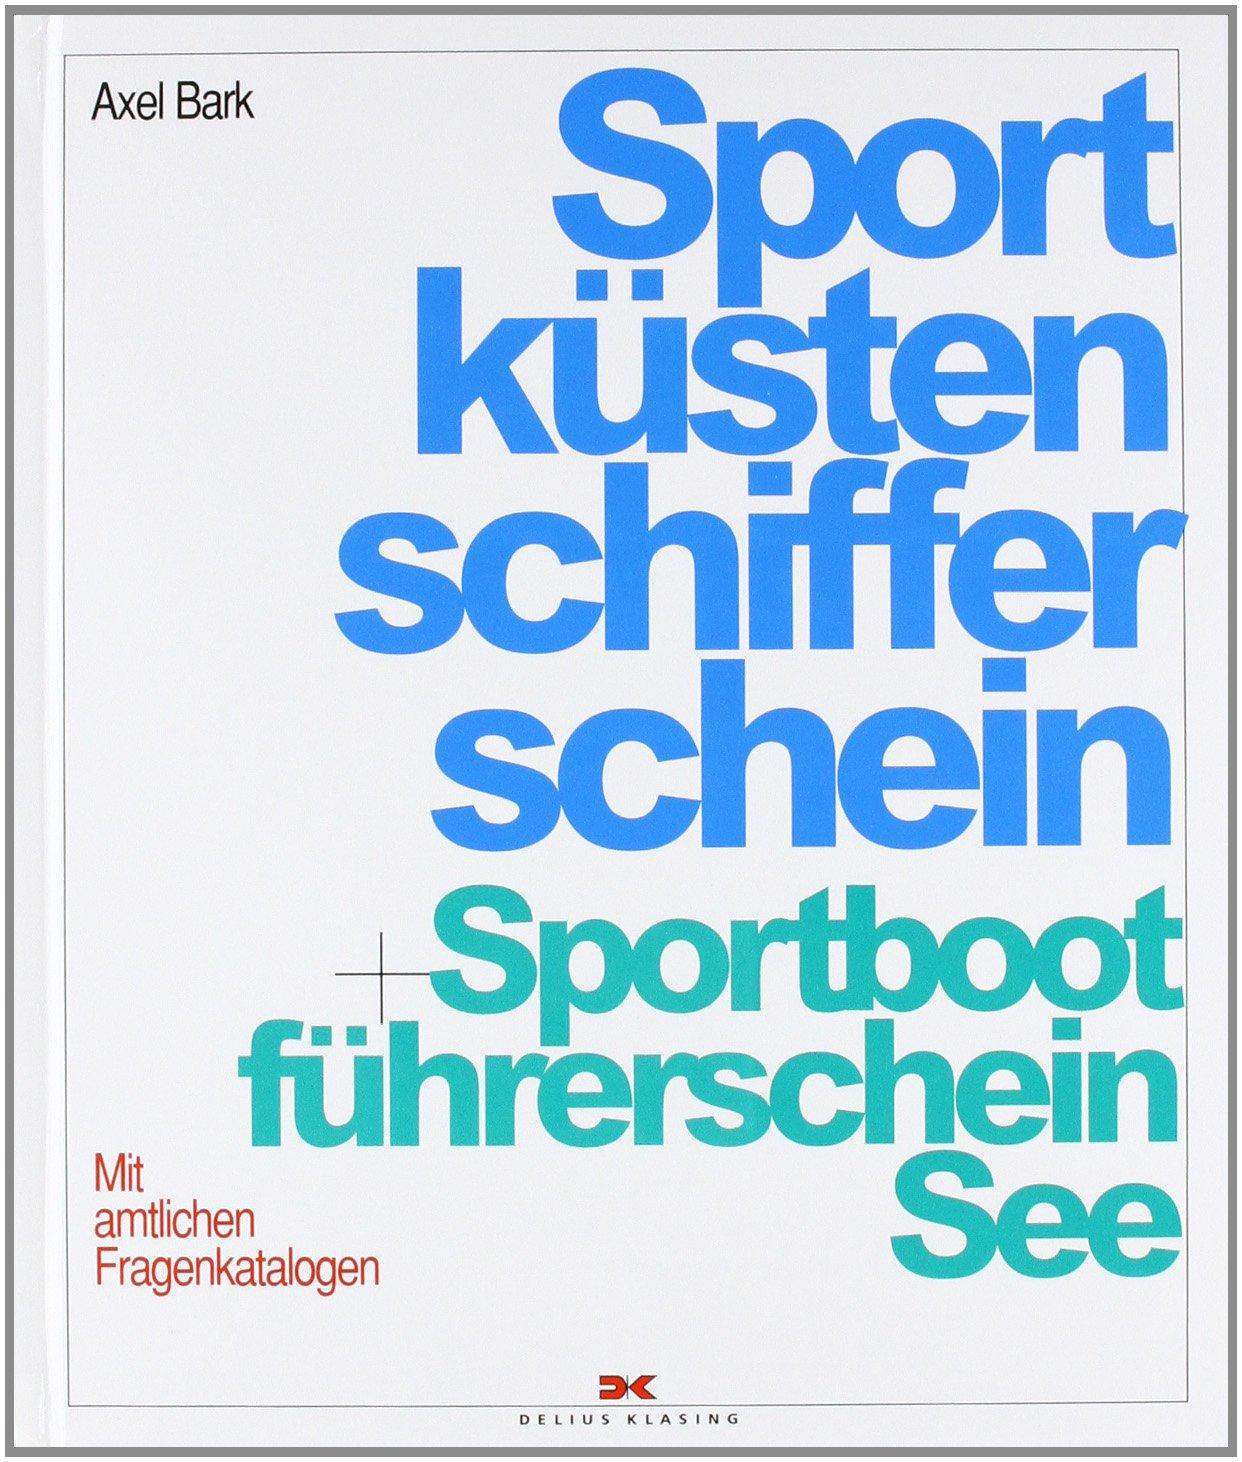 sportkstenschifferschein-sportbootfhrerschein-see-mit-amtlichen-fragenkatalogen